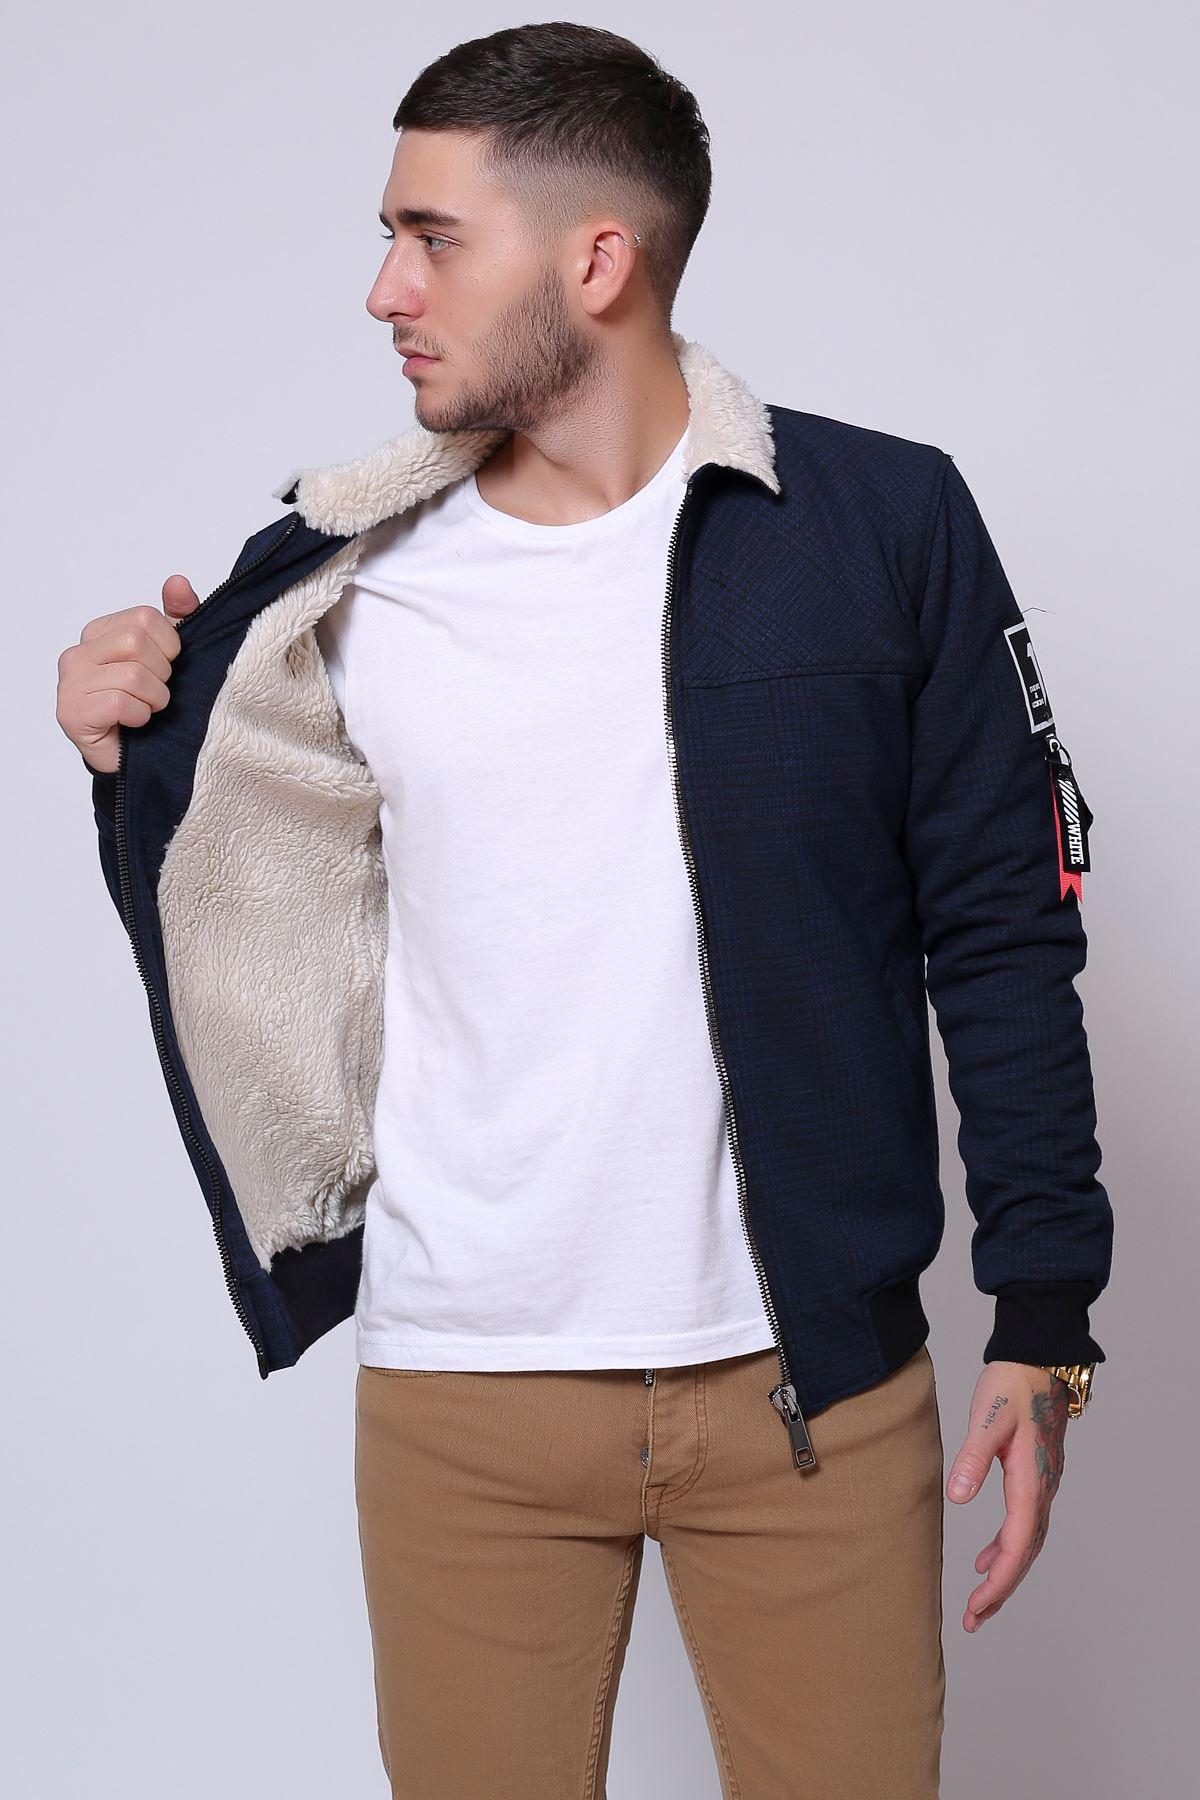 İçi Kürklü Lacivert Ekose Jakarlı Fermuarlı Ceket